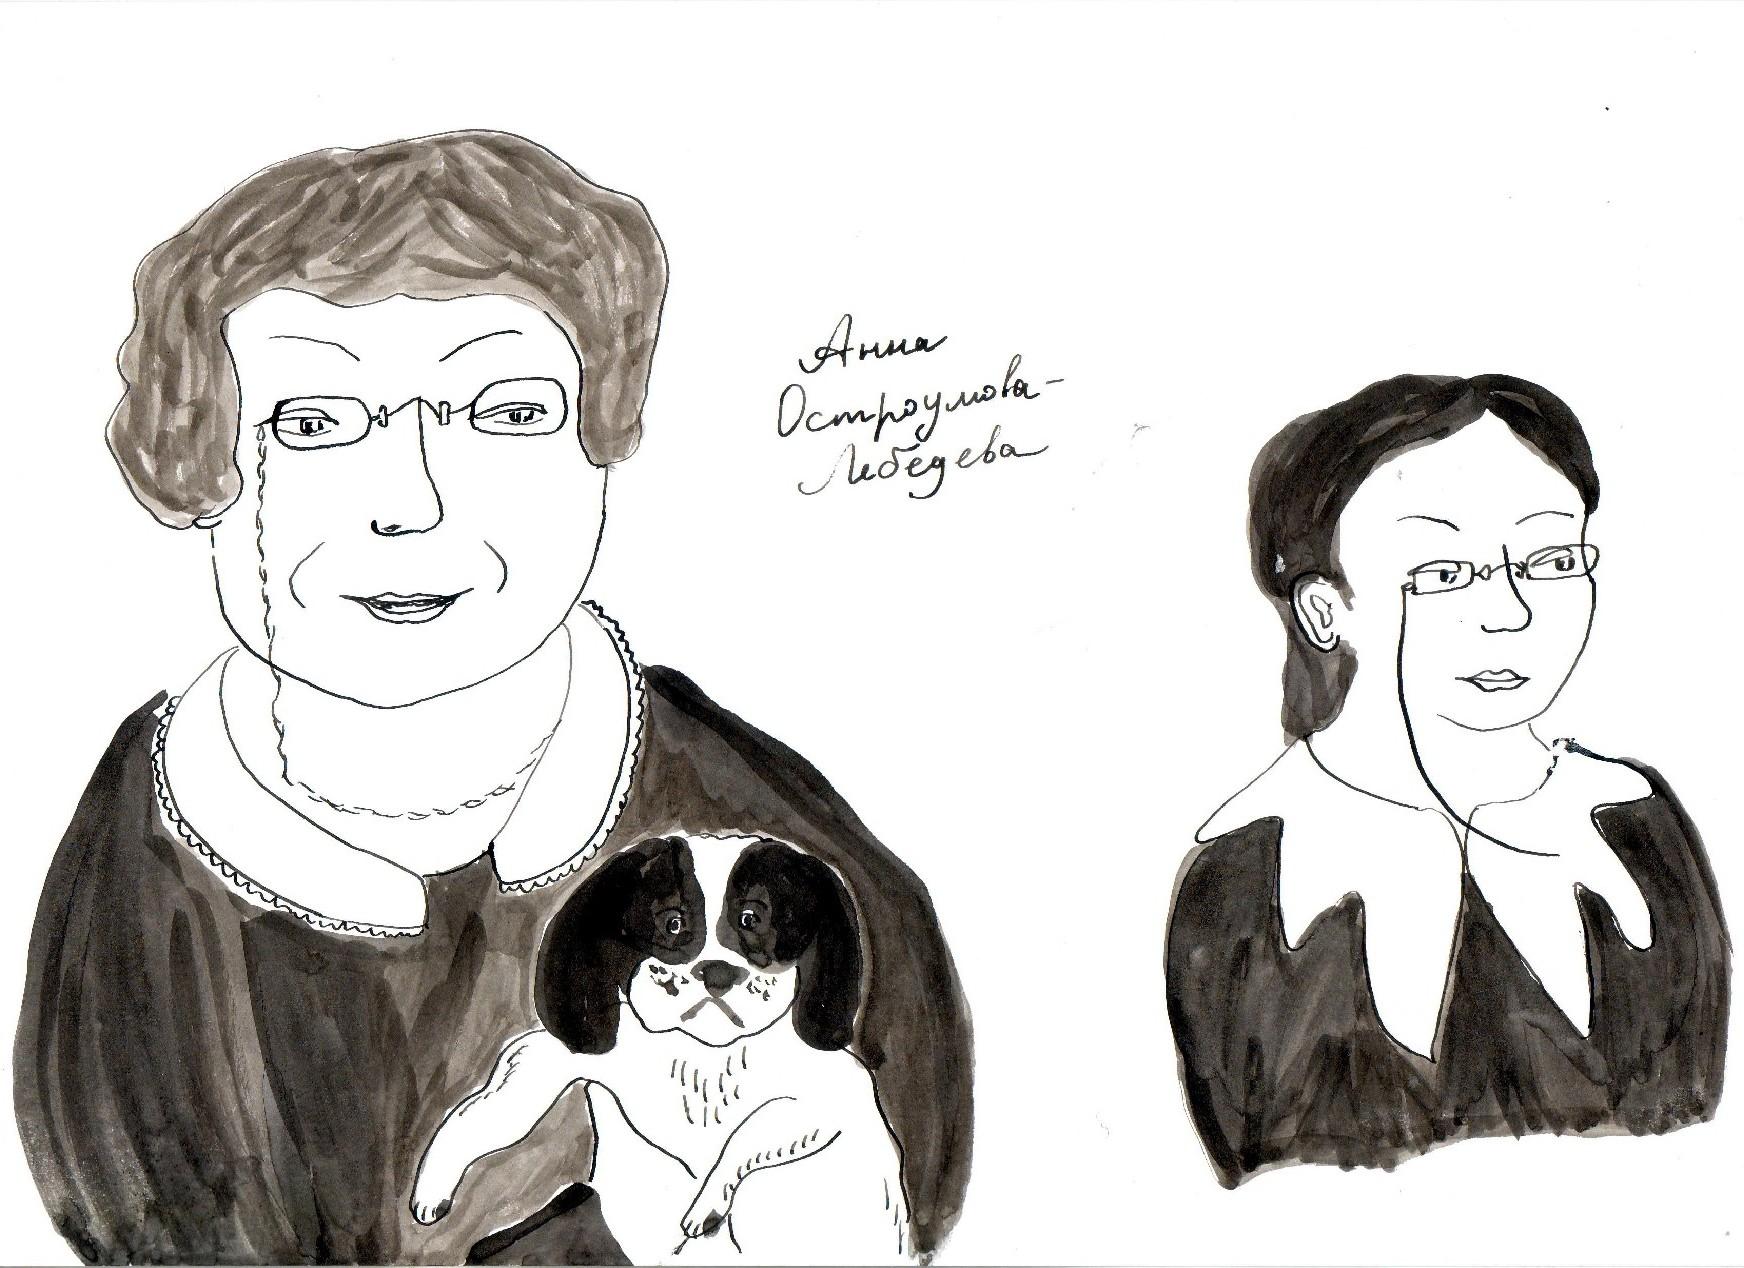 11 книг русских художниц: что почитать Дневники, воспоминания, письма| Nadin Piter Надин Питер блог Нади Демкиной